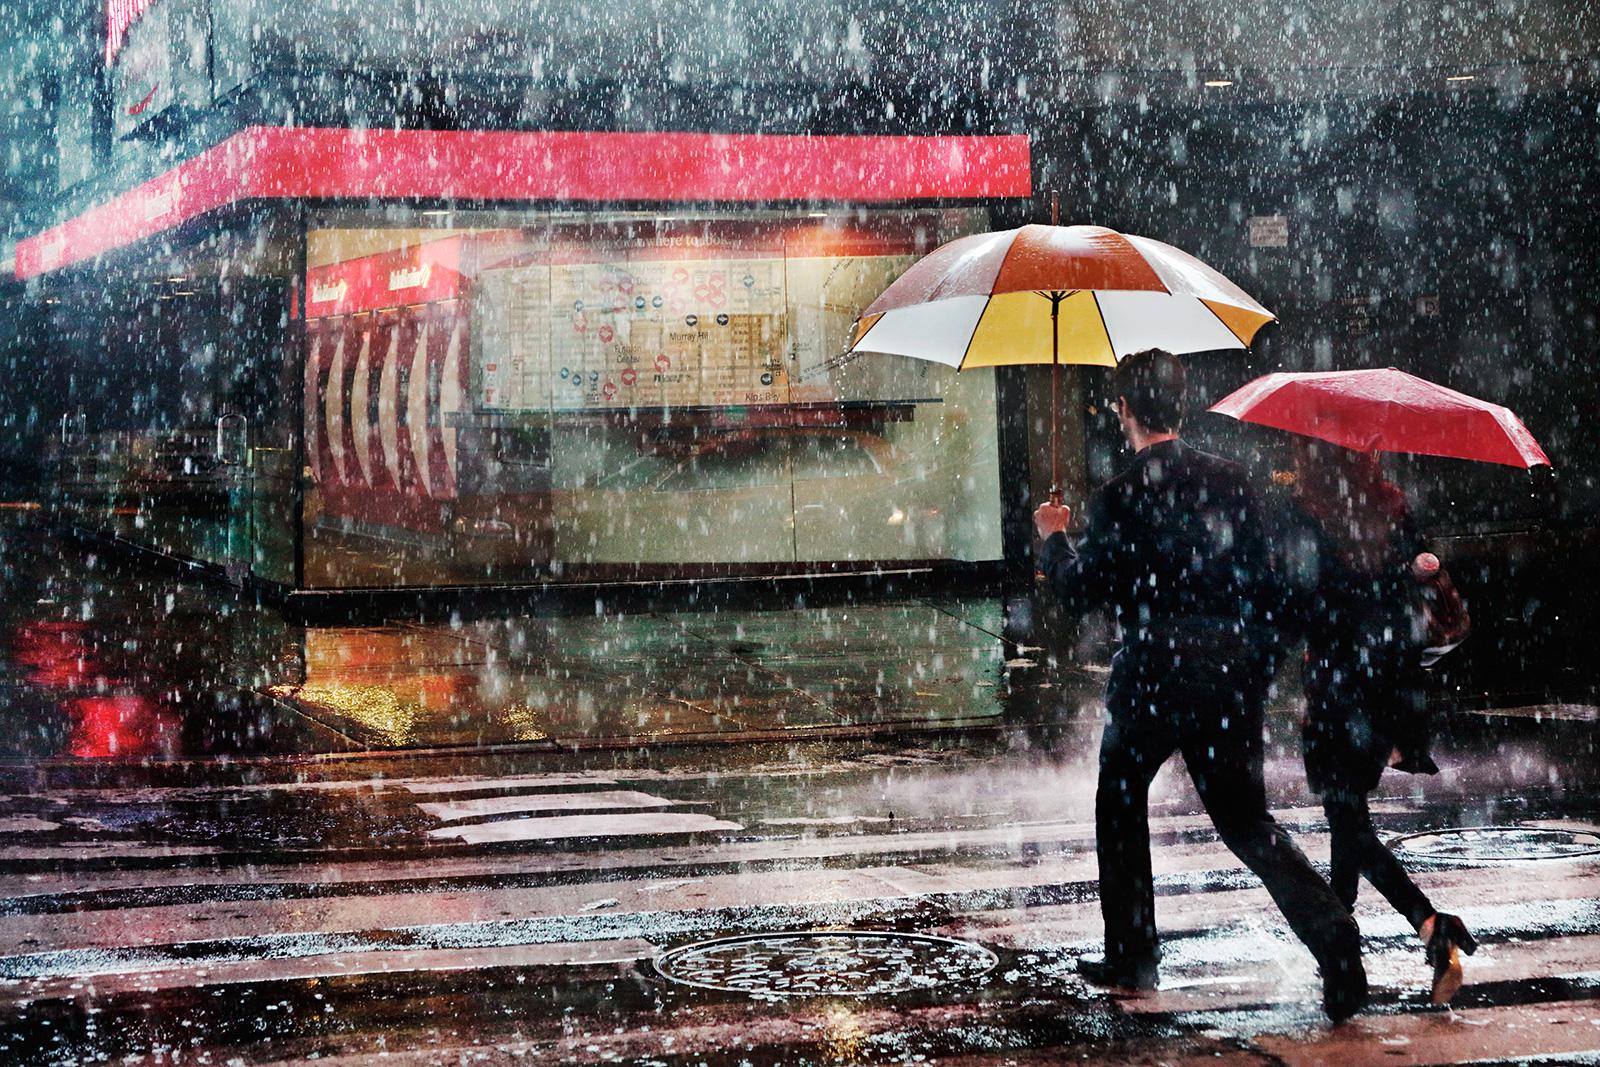 Önlemlerinizi alın! Meteoroloji uyarıları peş peşe sıraladı! Sel, su baskınları ve dolu yağışı... 7 Temmuz 2021 Çarşamba il il, haritalı hava durumu